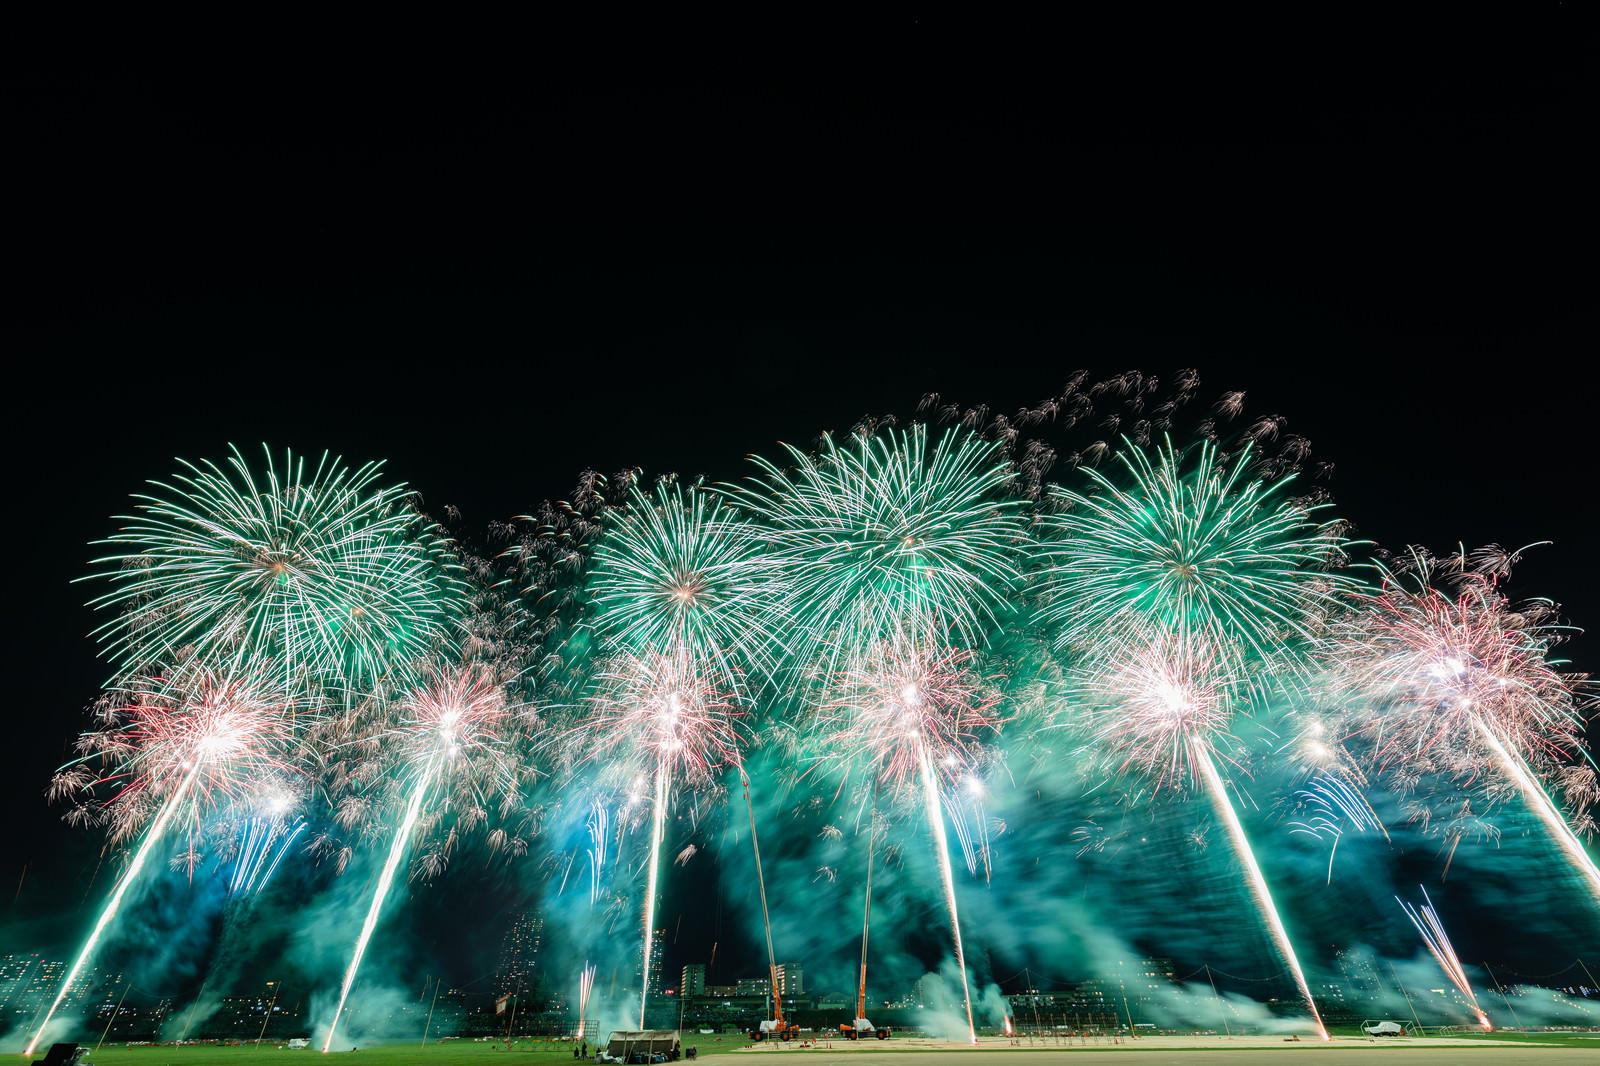 「夜空を彩るスターマイン( 江戸川区花火大会)」の写真